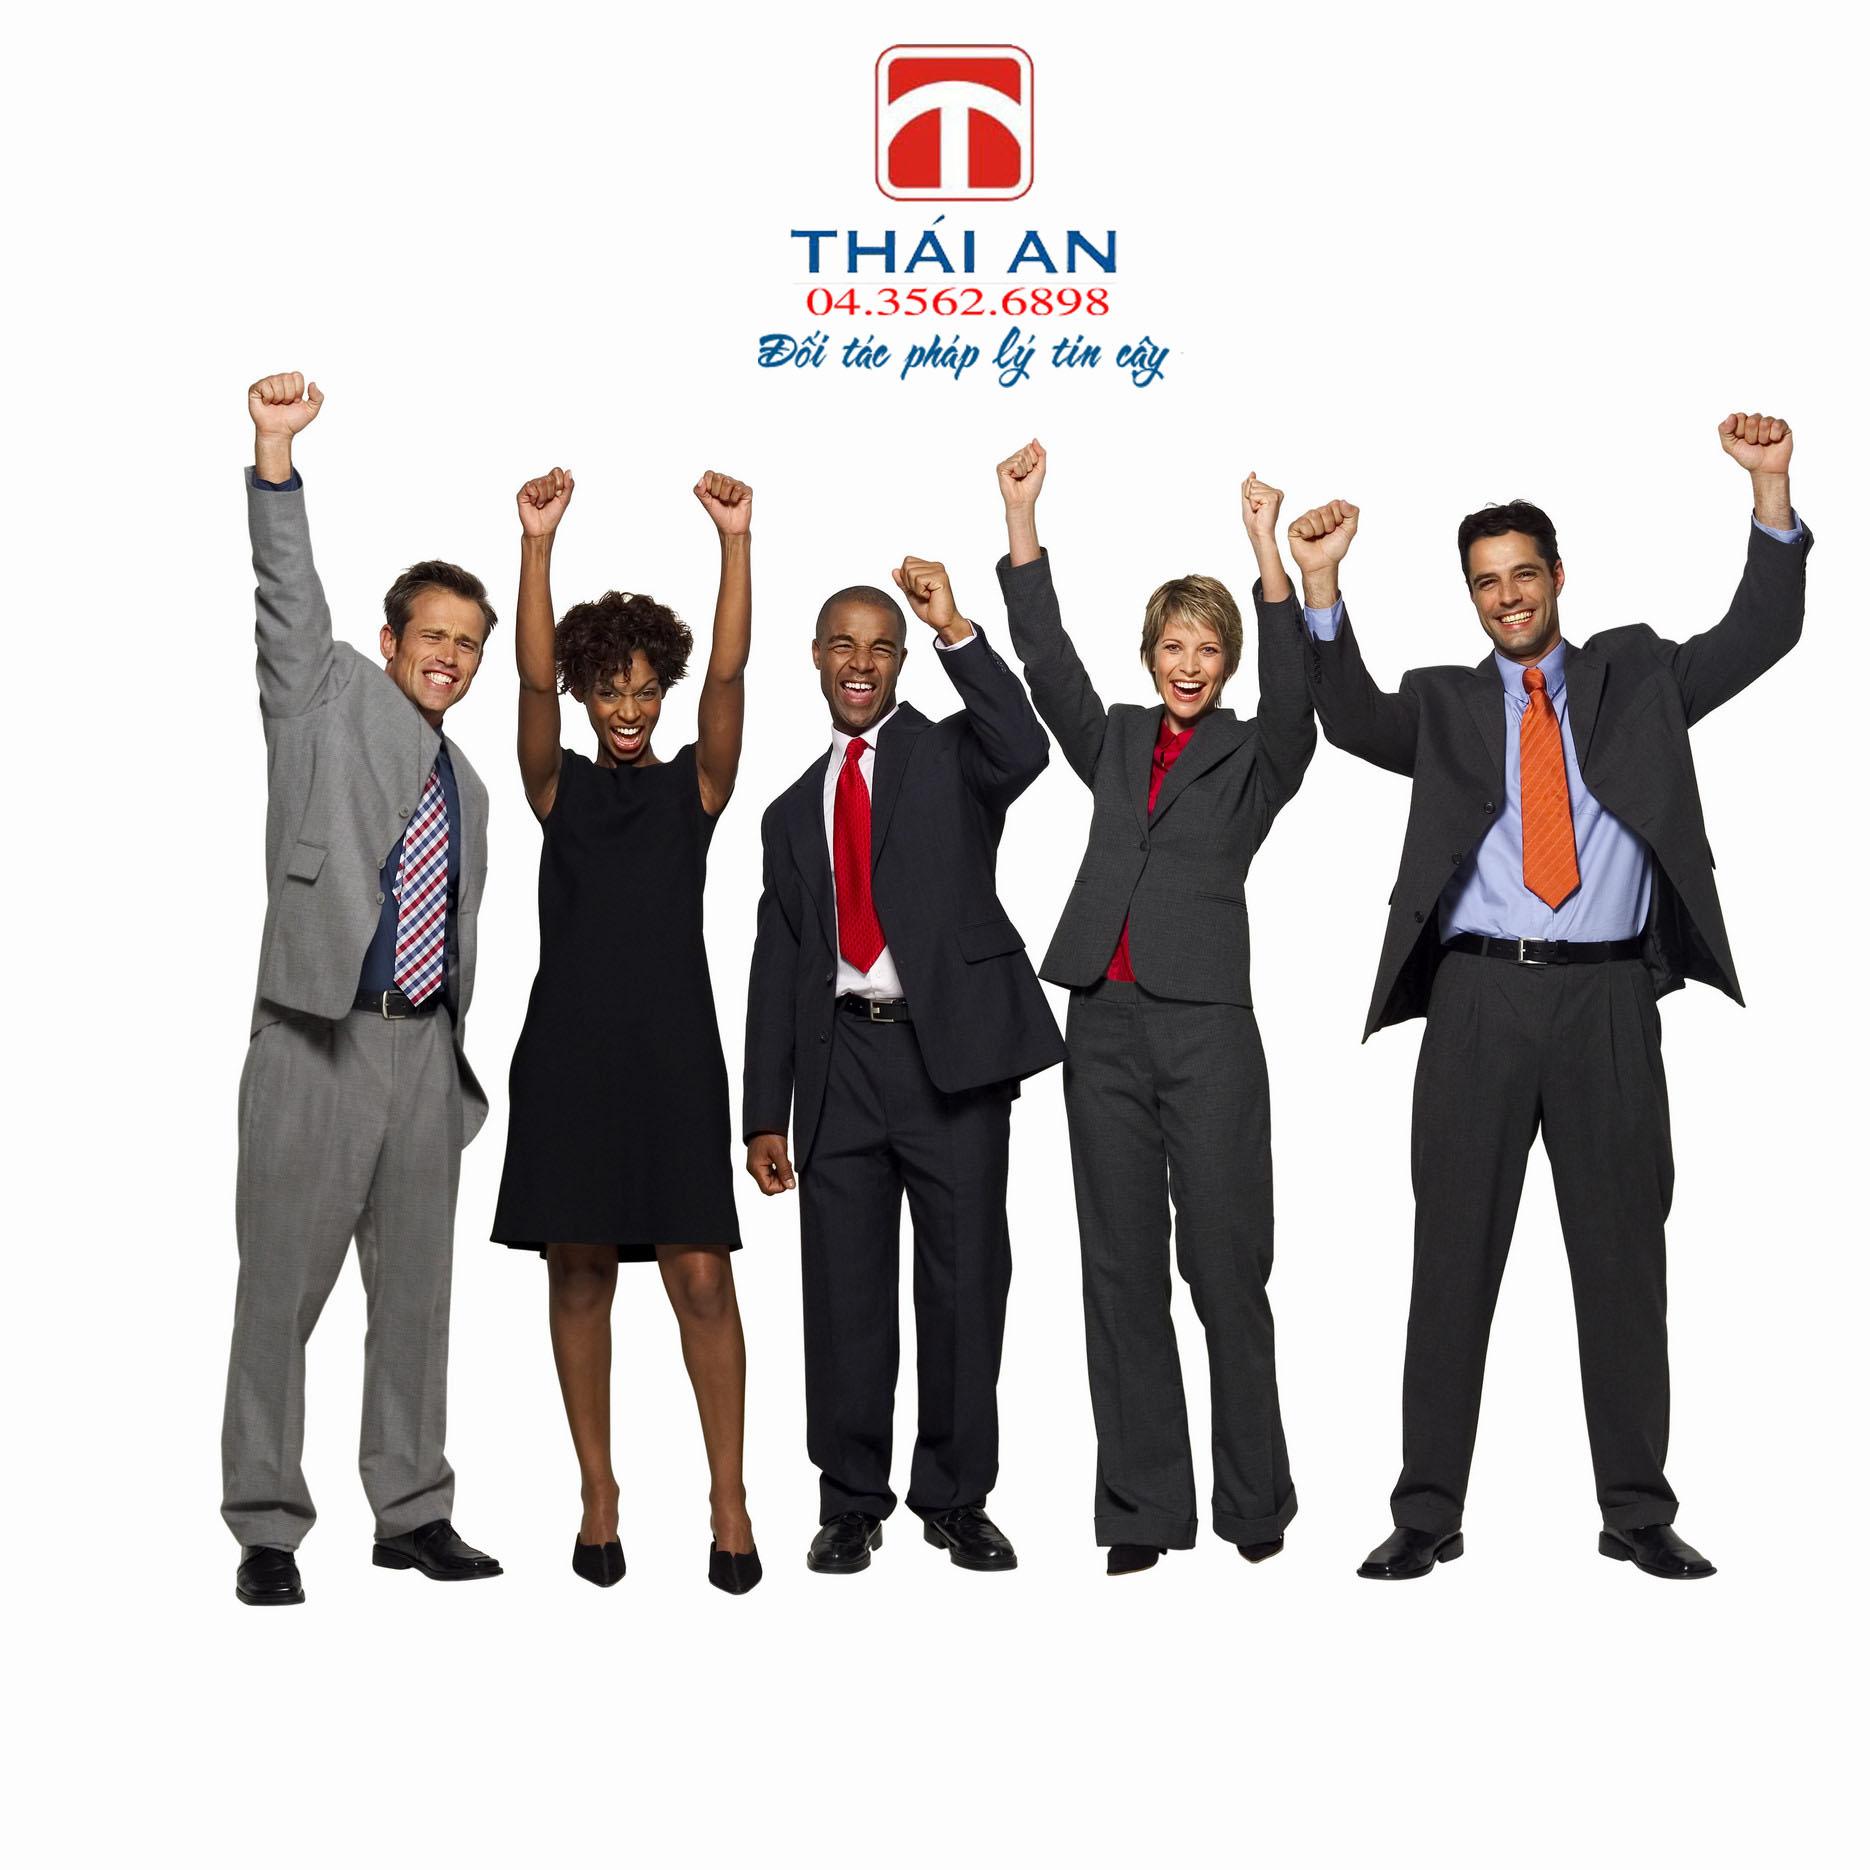 Thủ tục: Thay đổi đăng ký kinh doanh với công ty cổ phần